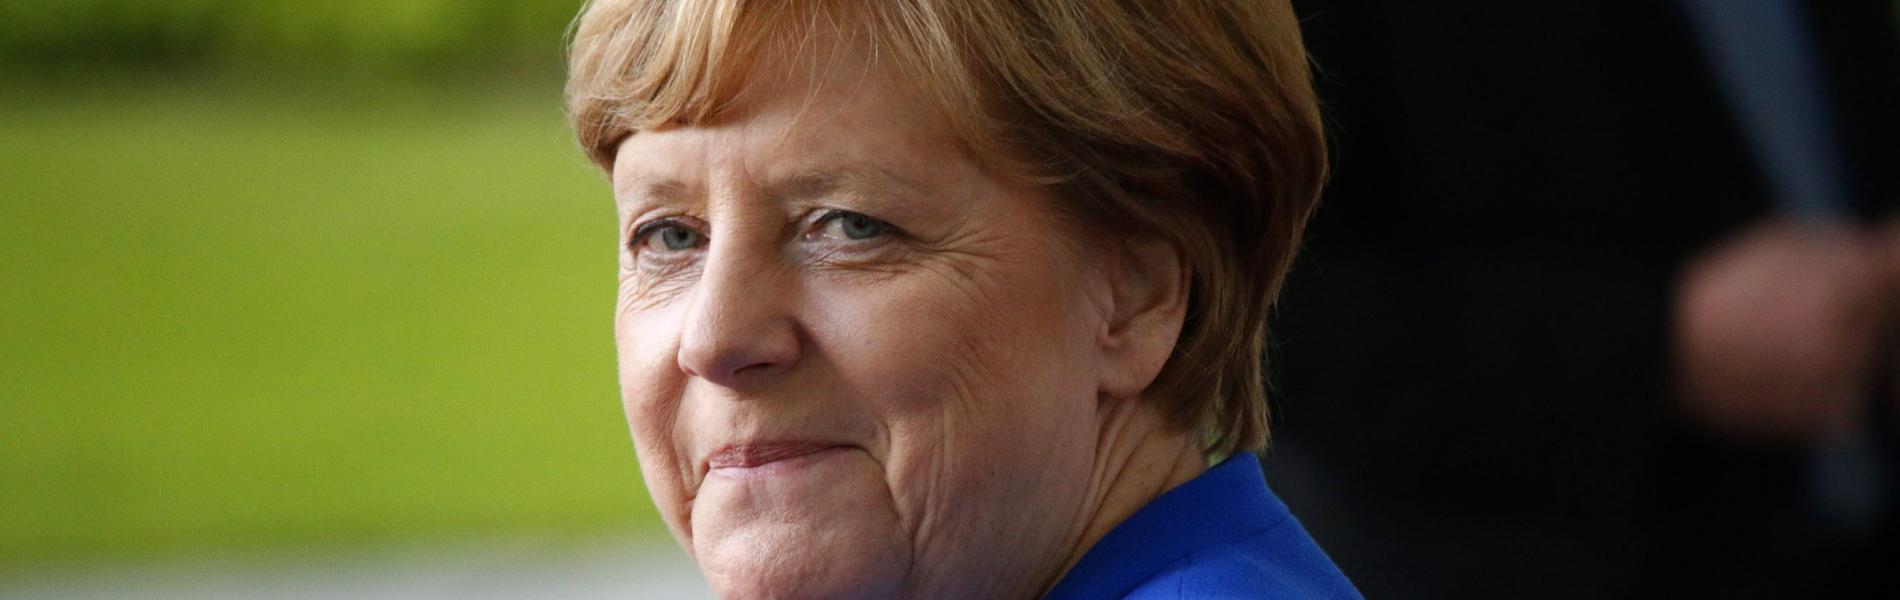 מרקל פורשת: פרידה מהמנהיגה ששינתה את אירופה